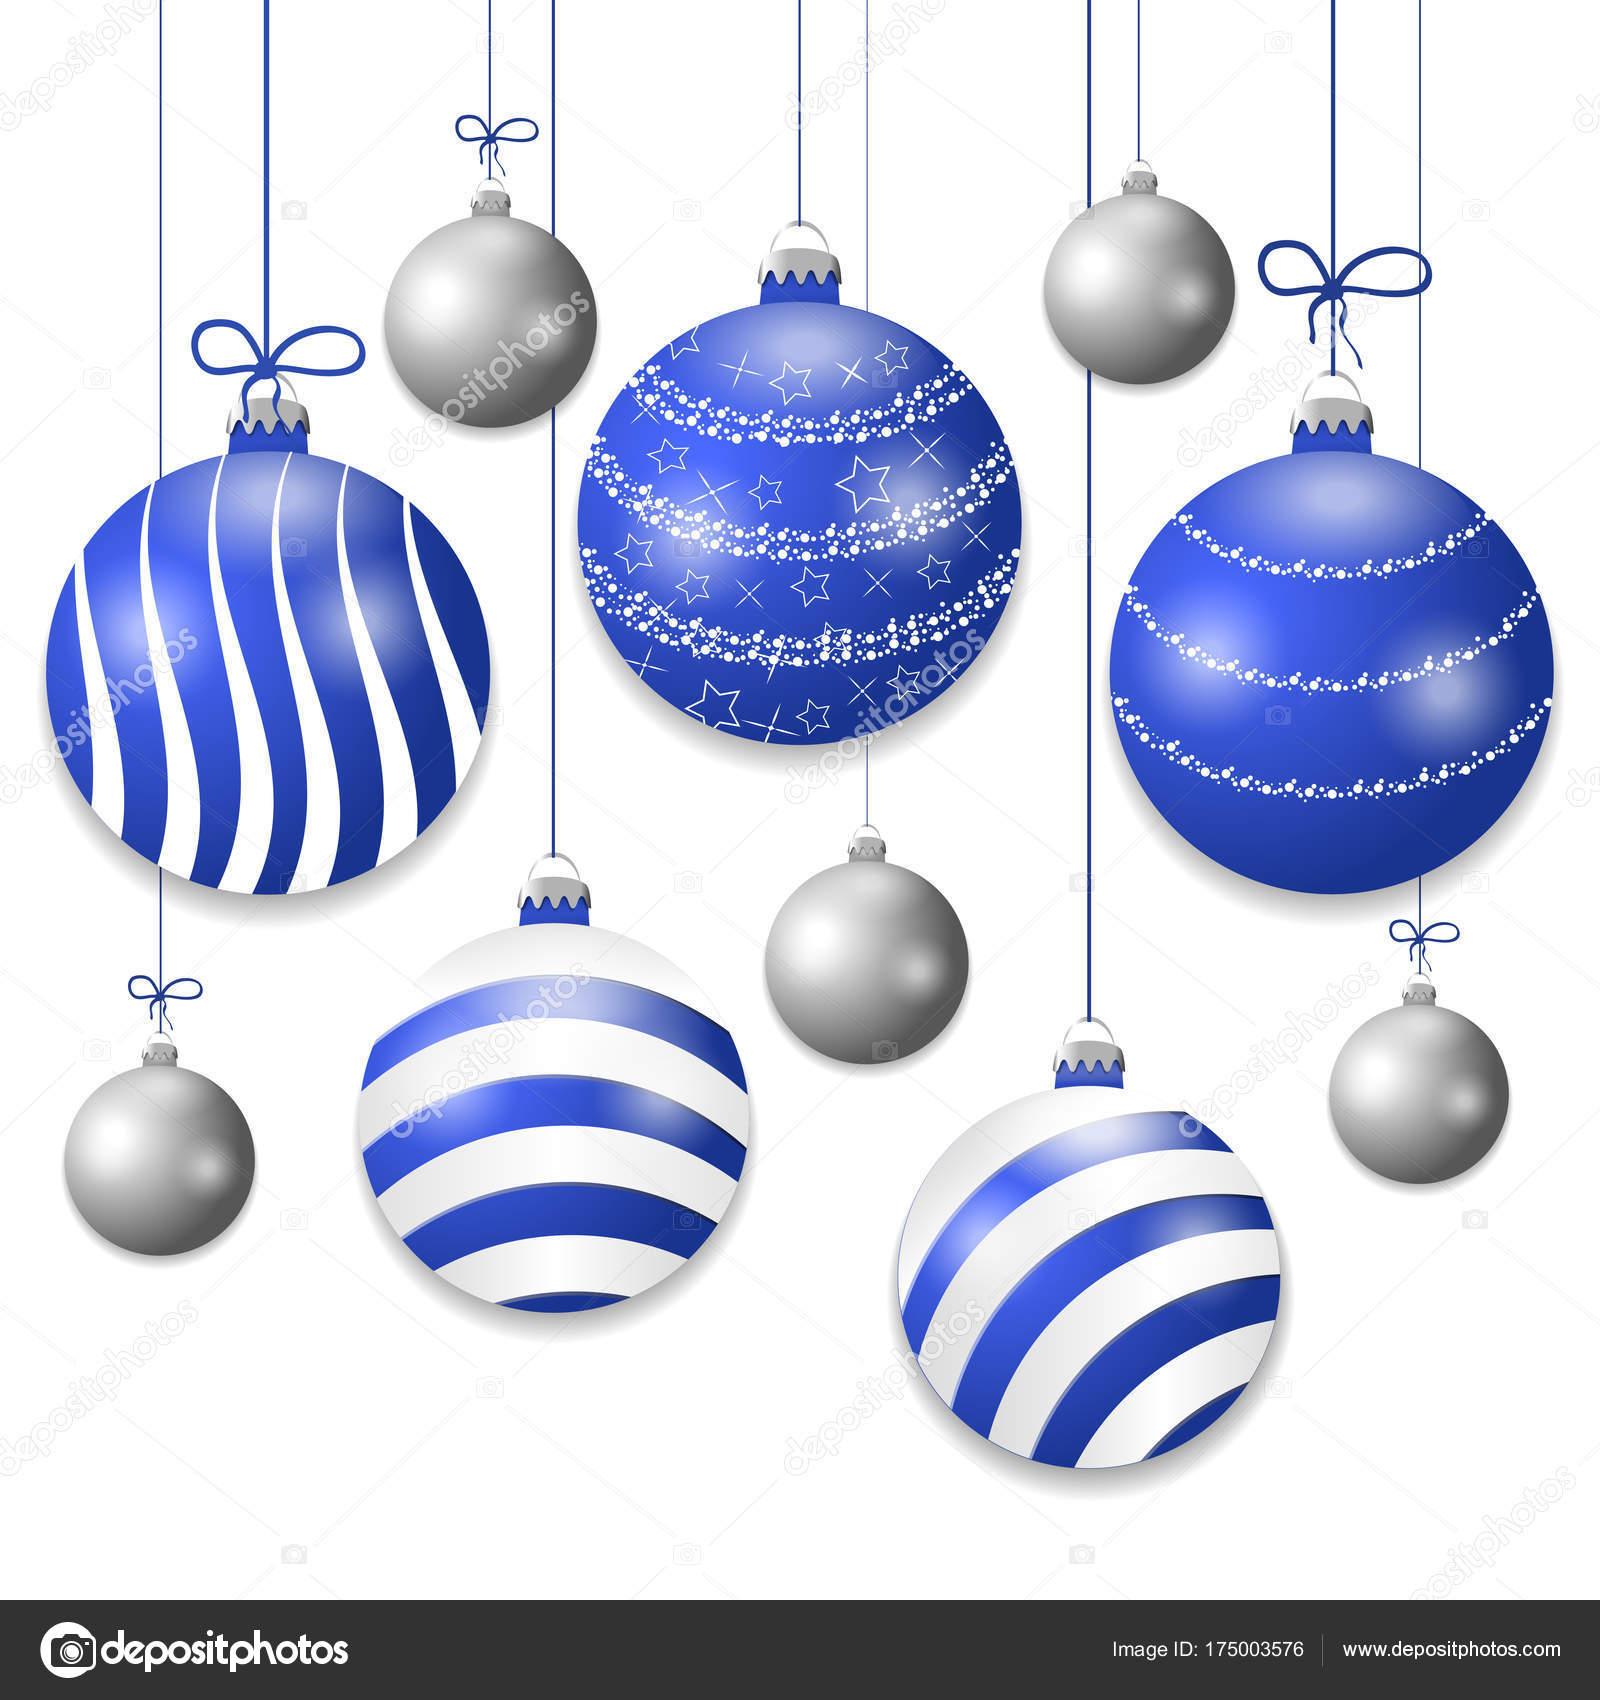 stellen sie h ngende blau und silber weihnachtskugeln dekorative kugeln elemente isoliert auf. Black Bedroom Furniture Sets. Home Design Ideas